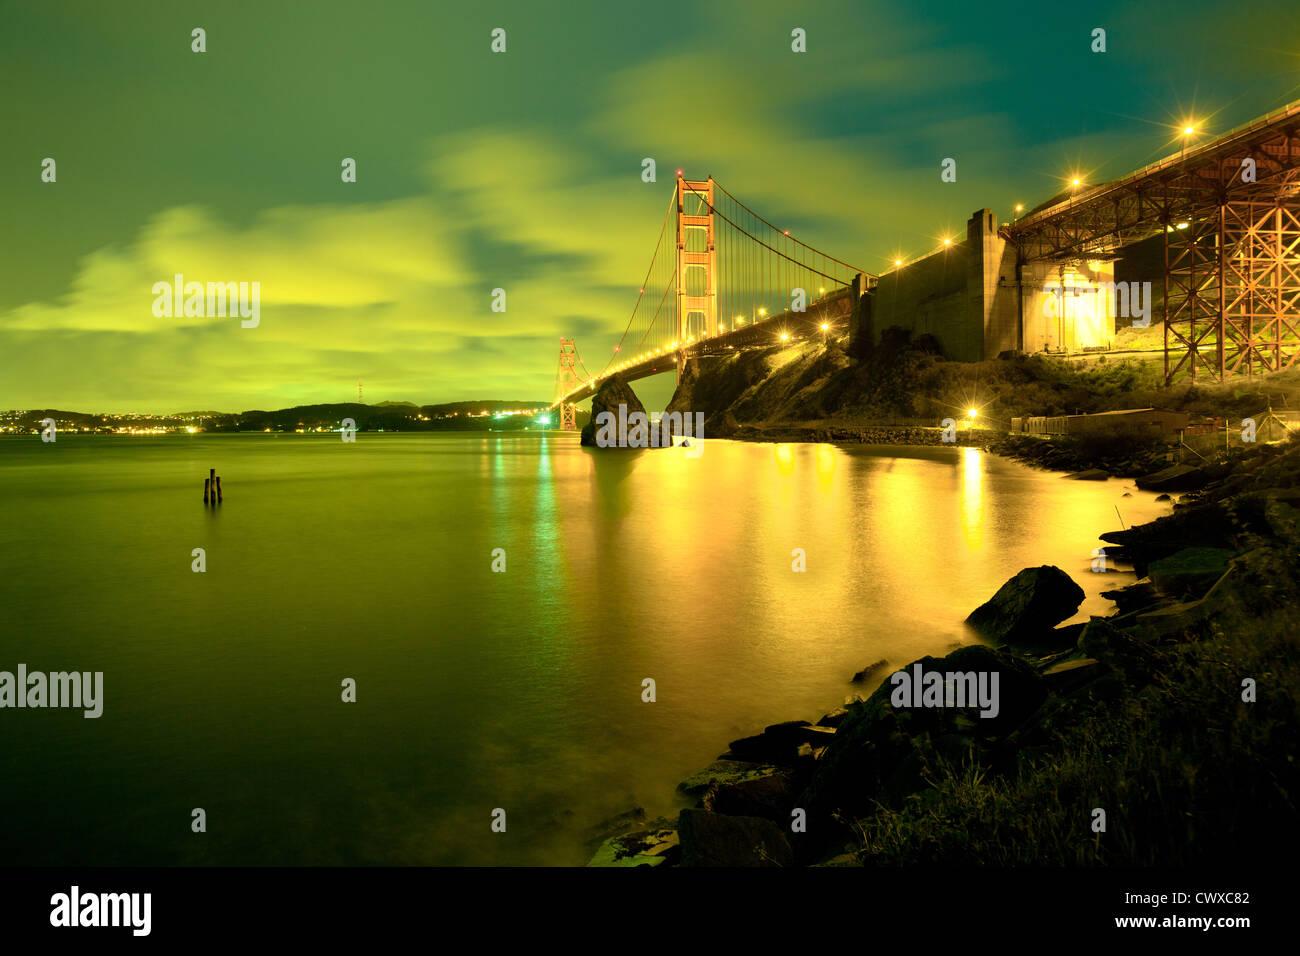 El Puente Golden Gate, San Francisco, California, EE.UU. Imagen De Stock